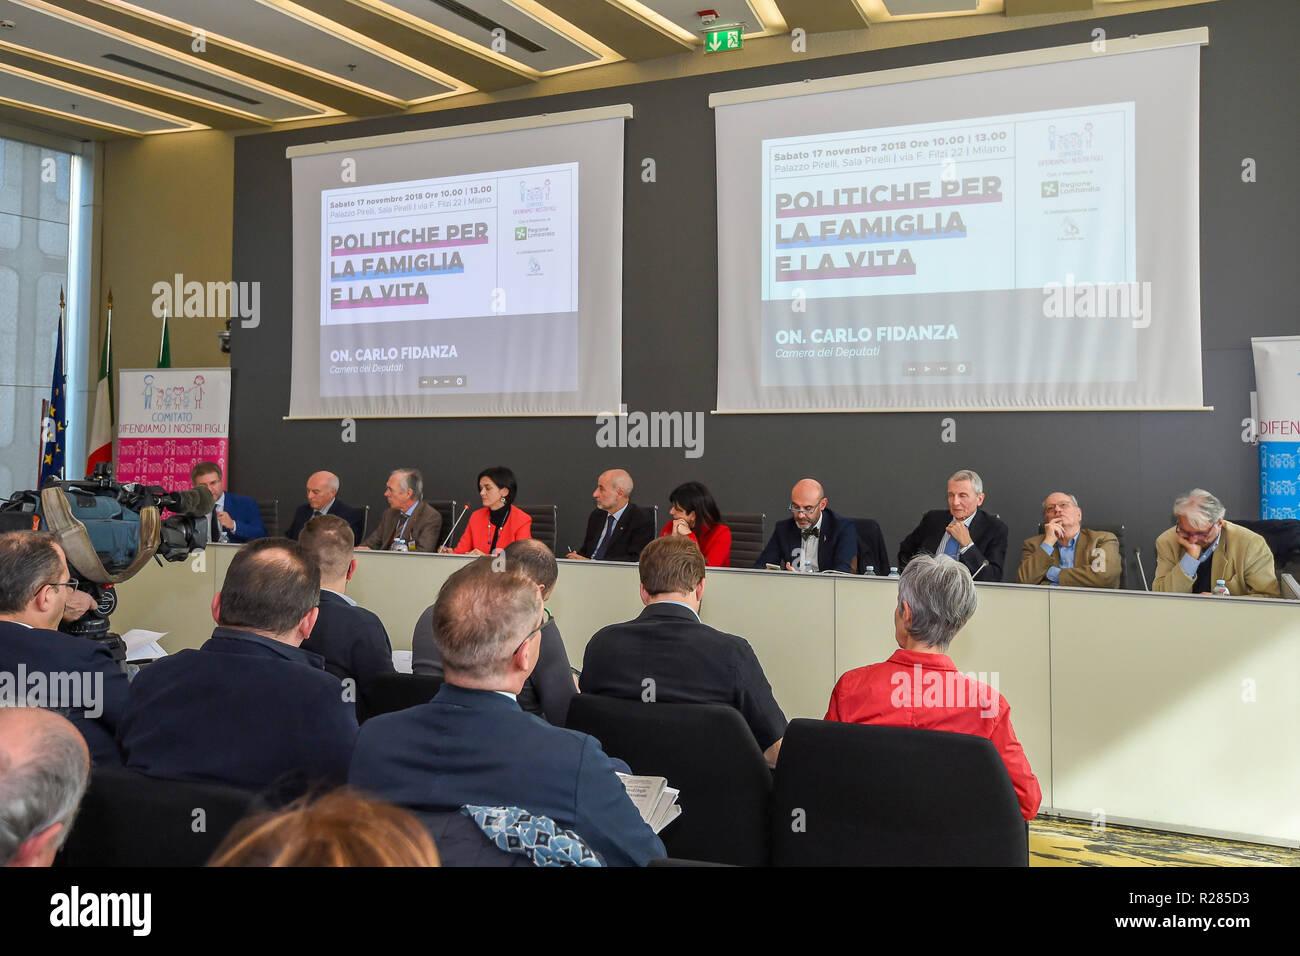 Foto Claudio Grassi/LaPresse 17 novembre 2018 Milano, Italia  Cronaca Family Day 2018 Stock Photo